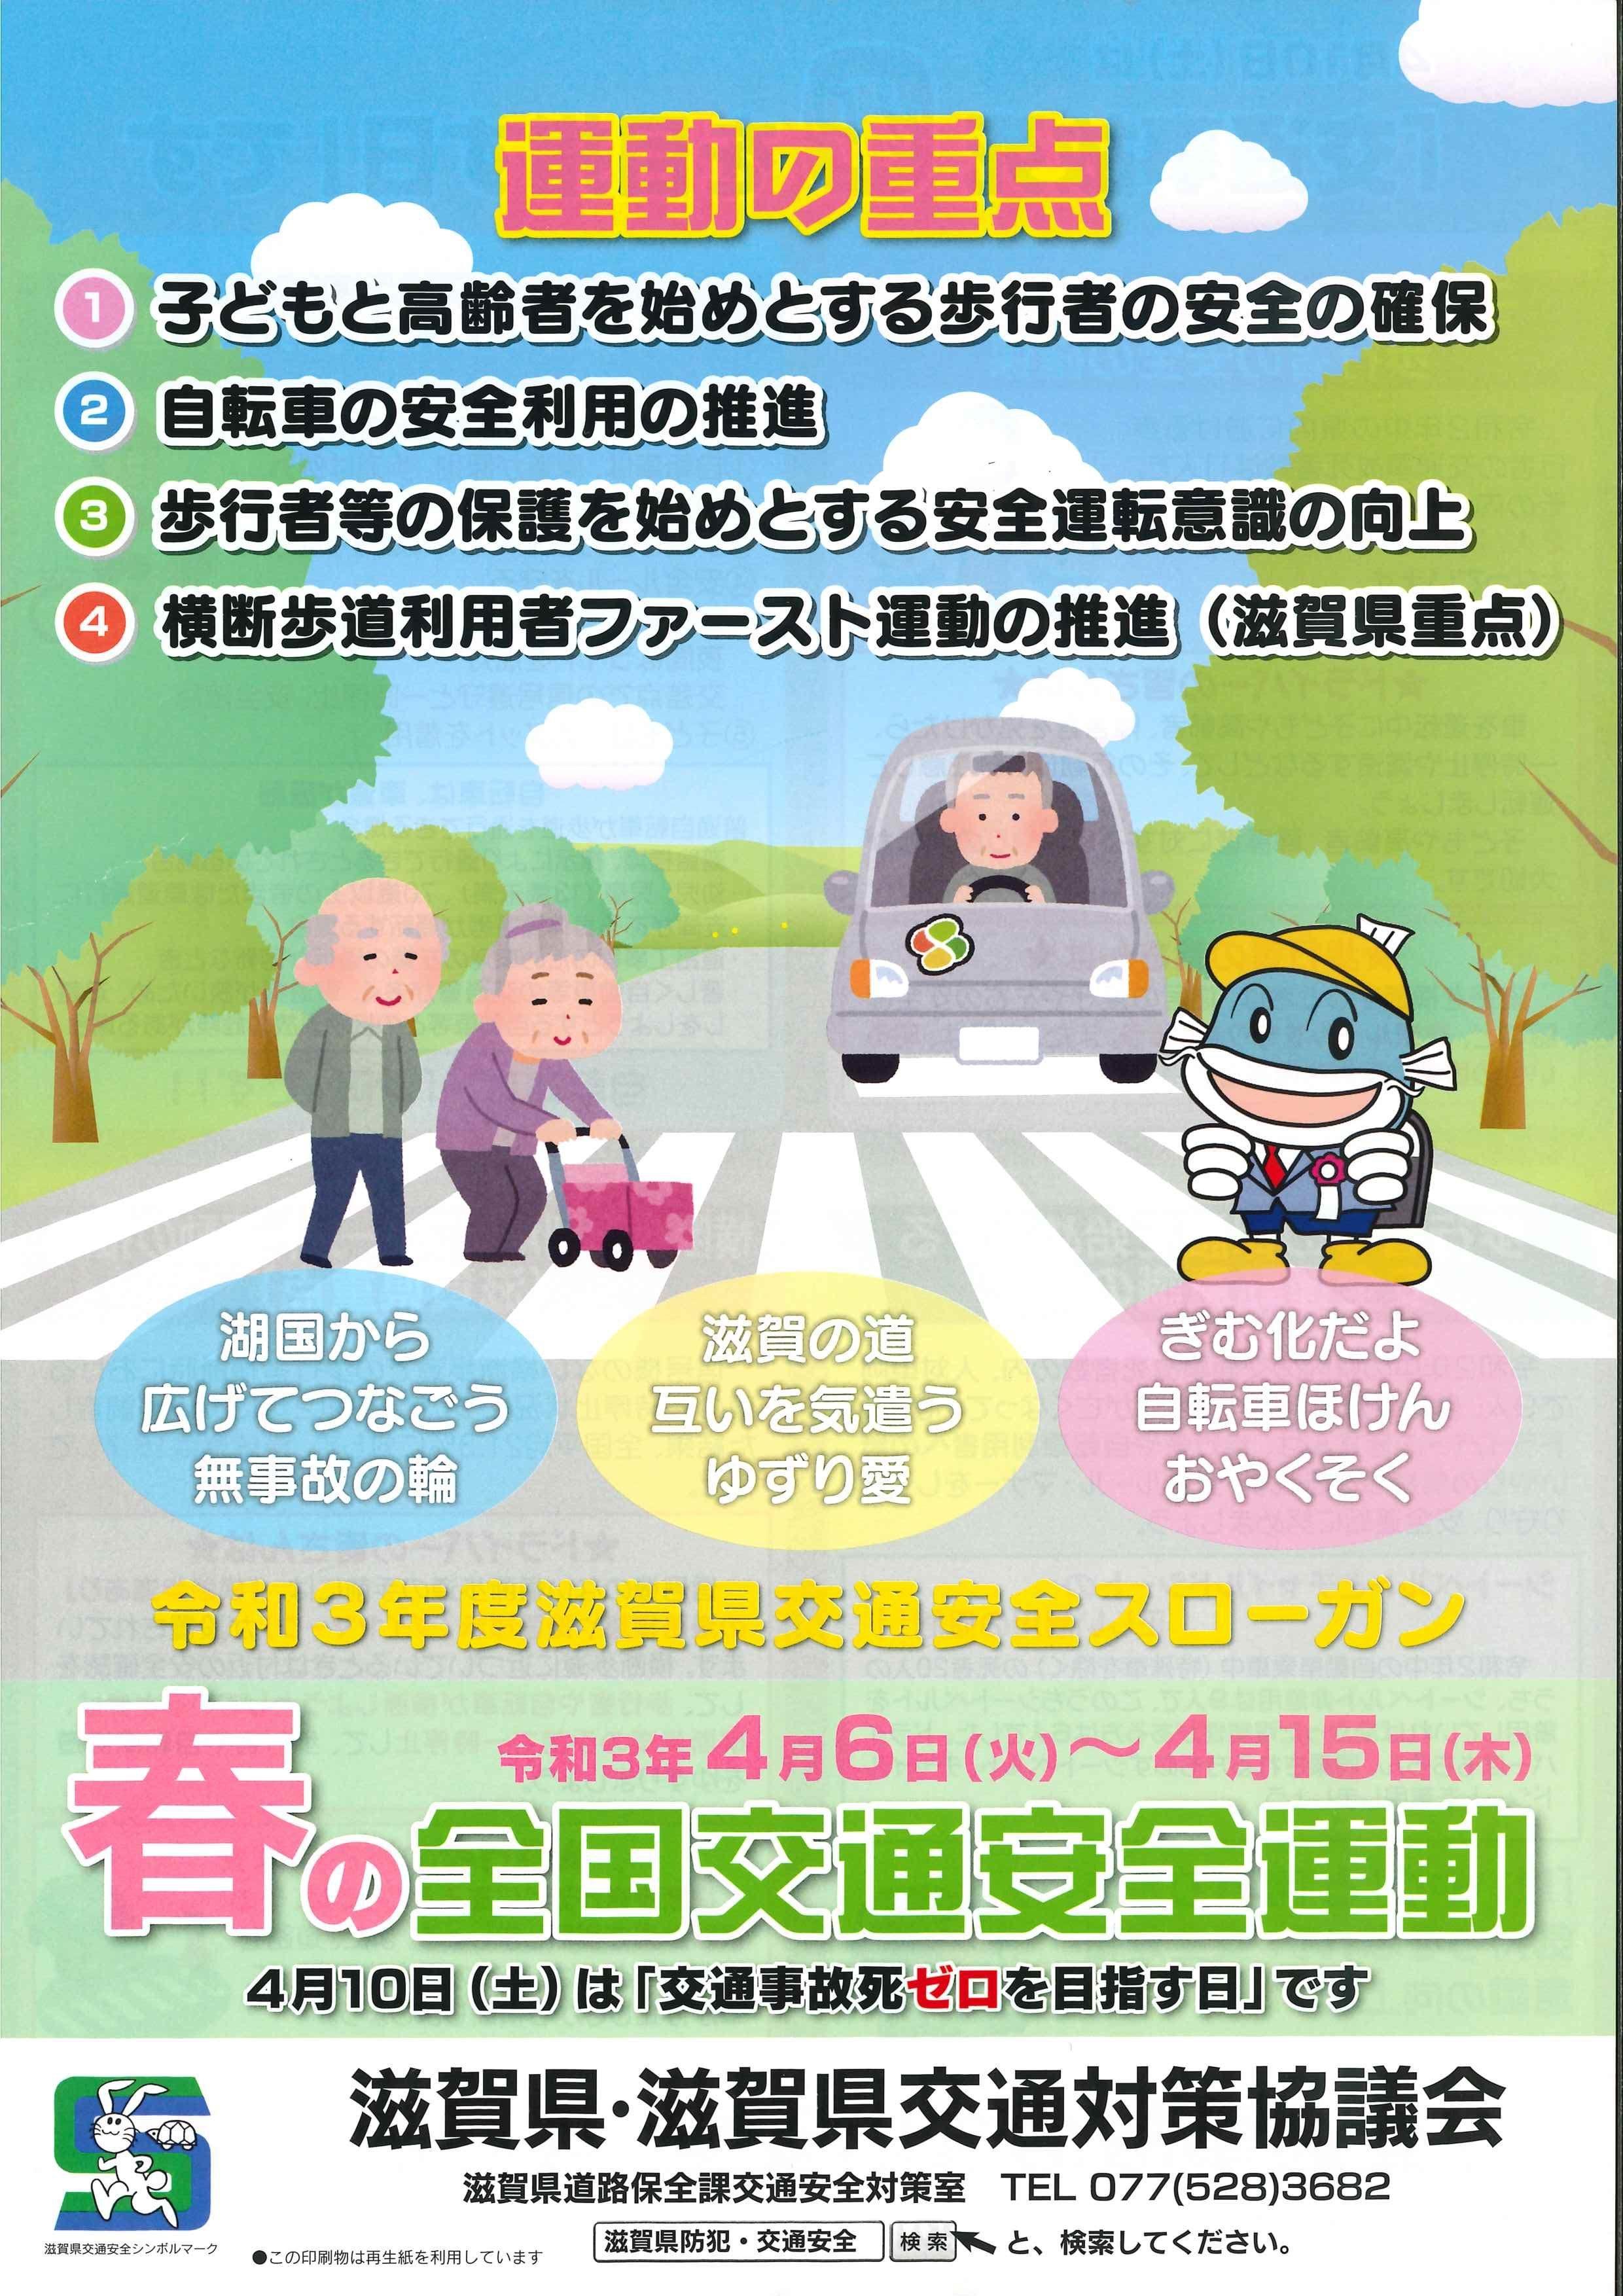 春の 交通 安全 運動 2021